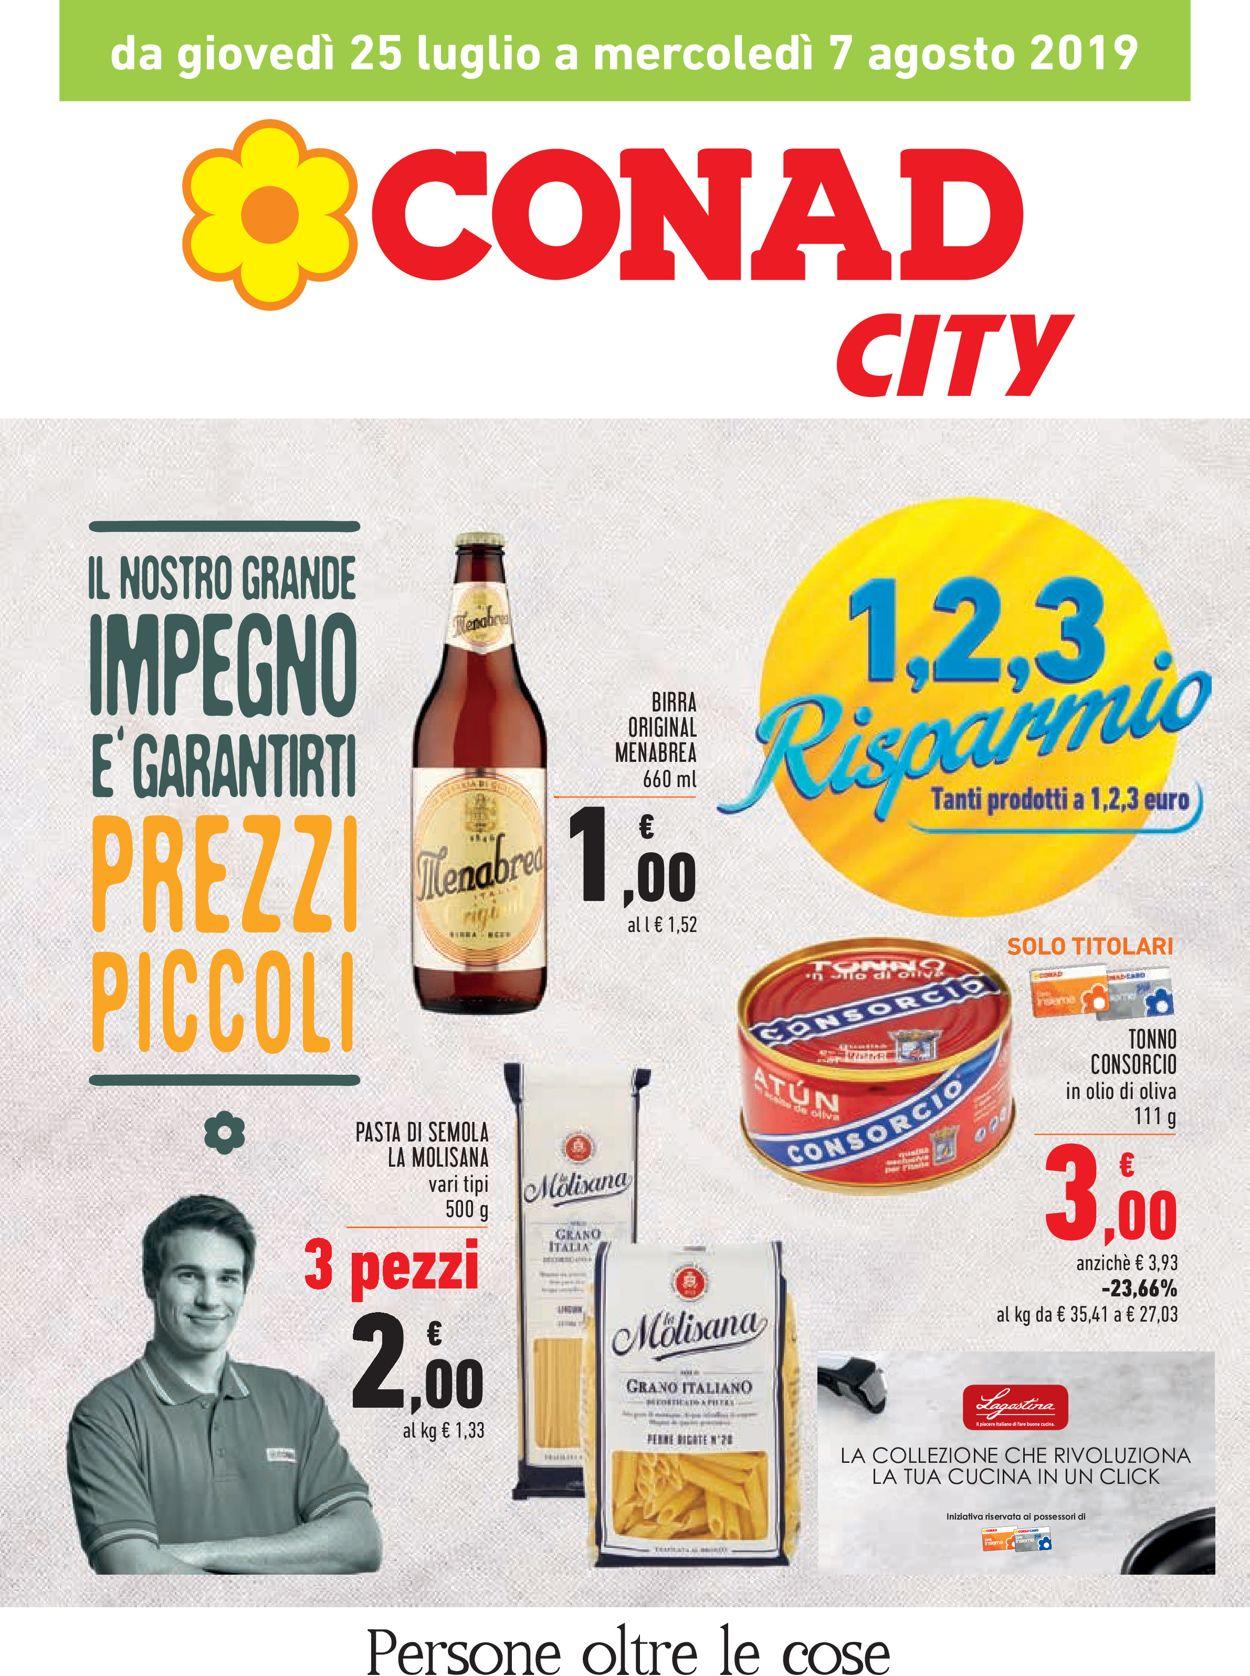 Volantino Conad - Offerte 25/07-07/08/2019